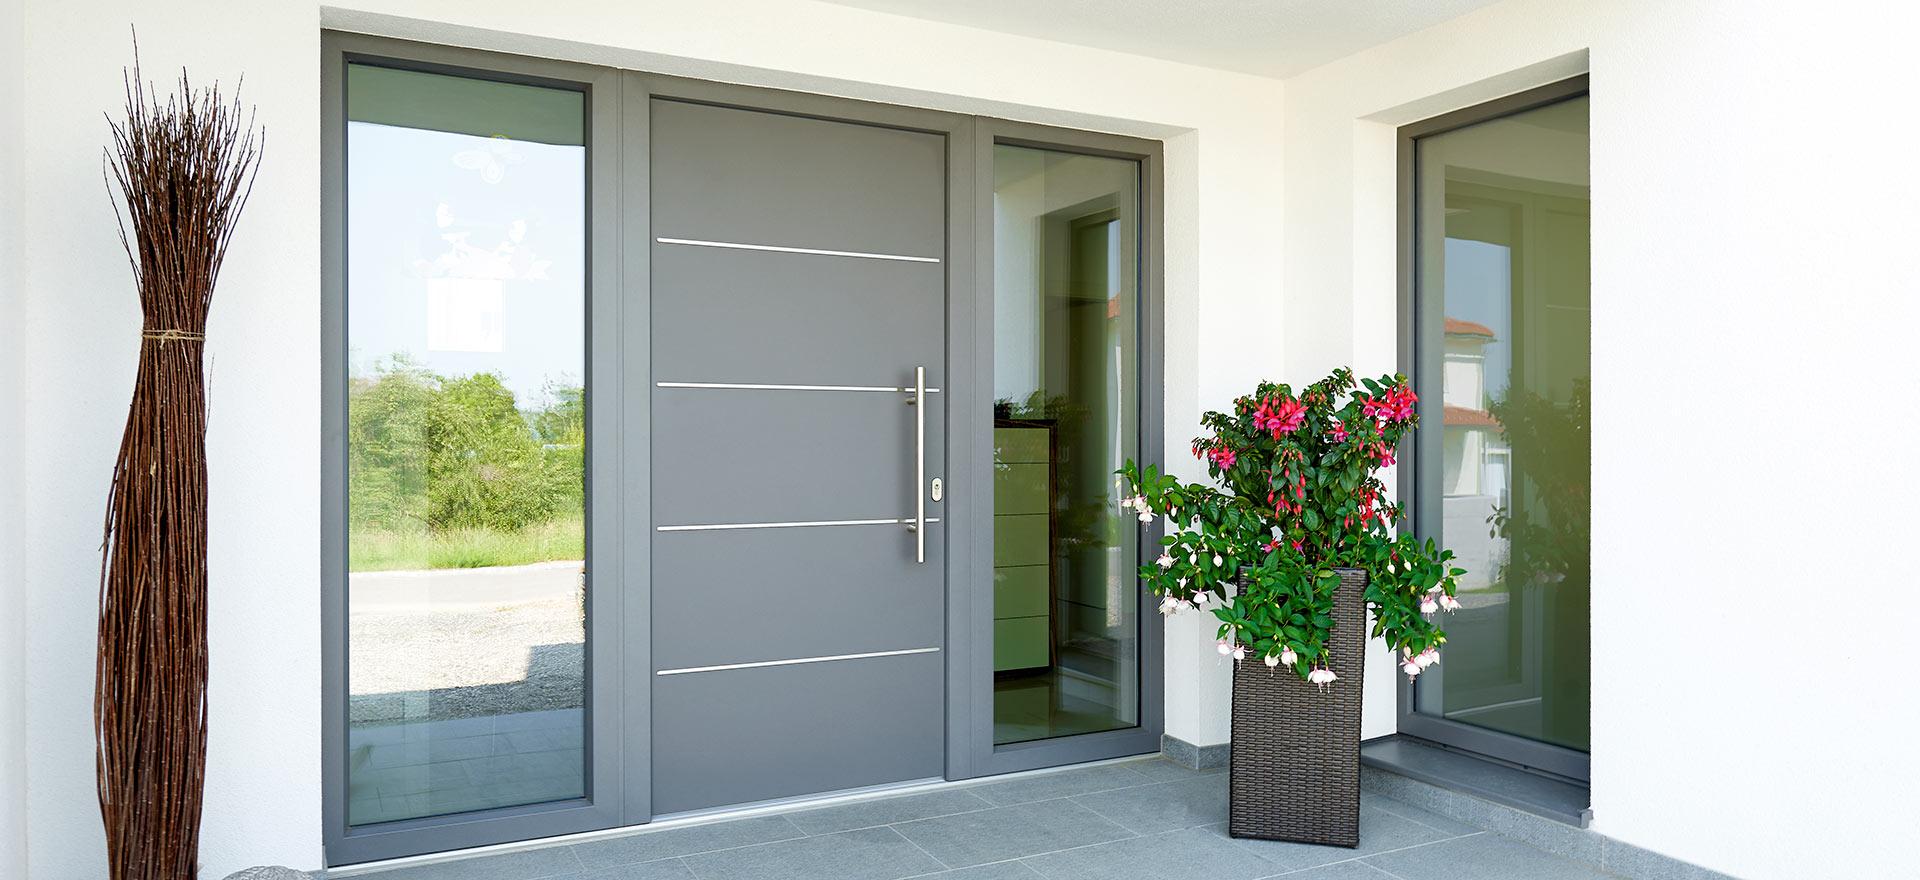 100 french front door exterior glass doors fiberglass for Exterior glass door designs for home